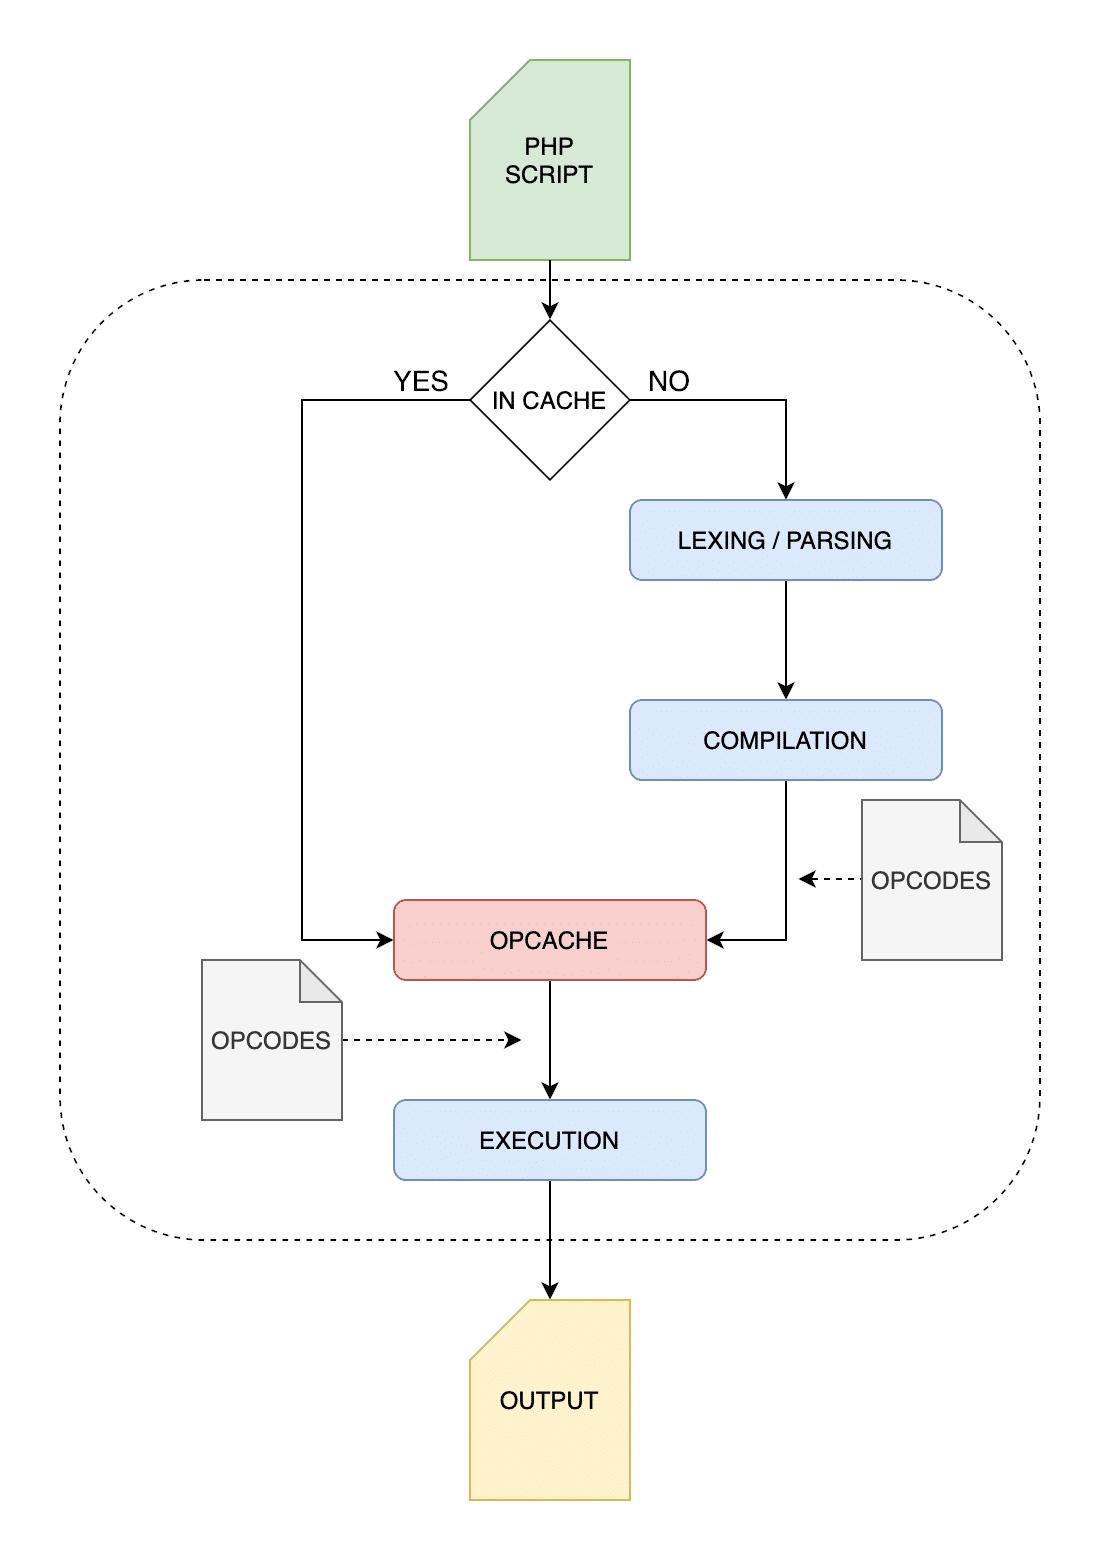 Procedura di esecuzione PHP con OPcache abilitata